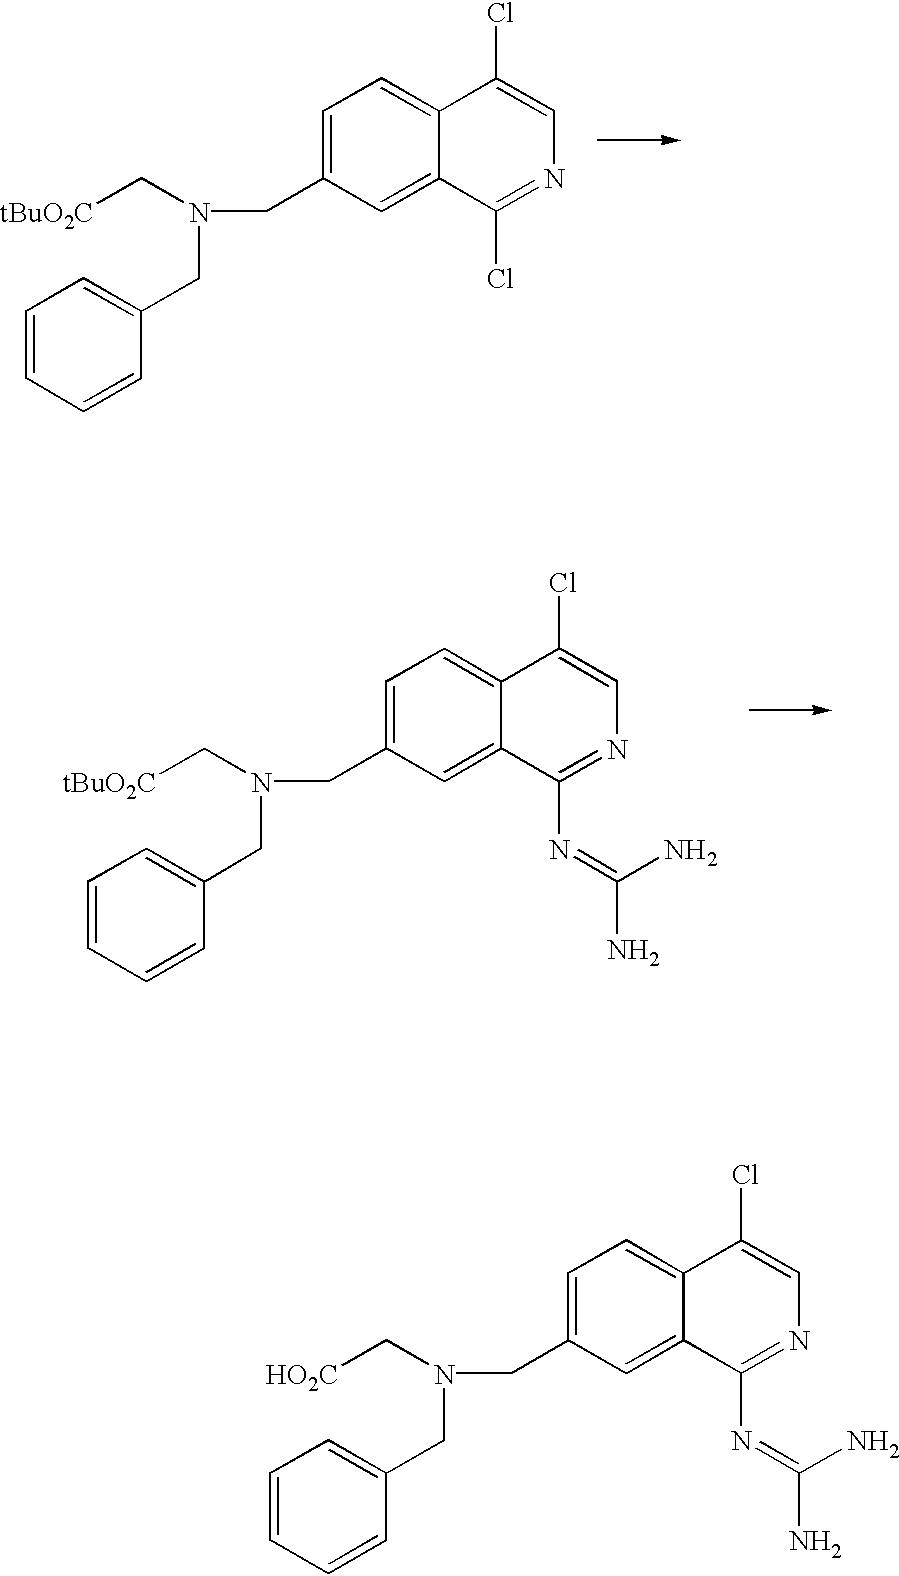 Figure US20030199440A1-20031023-C00101